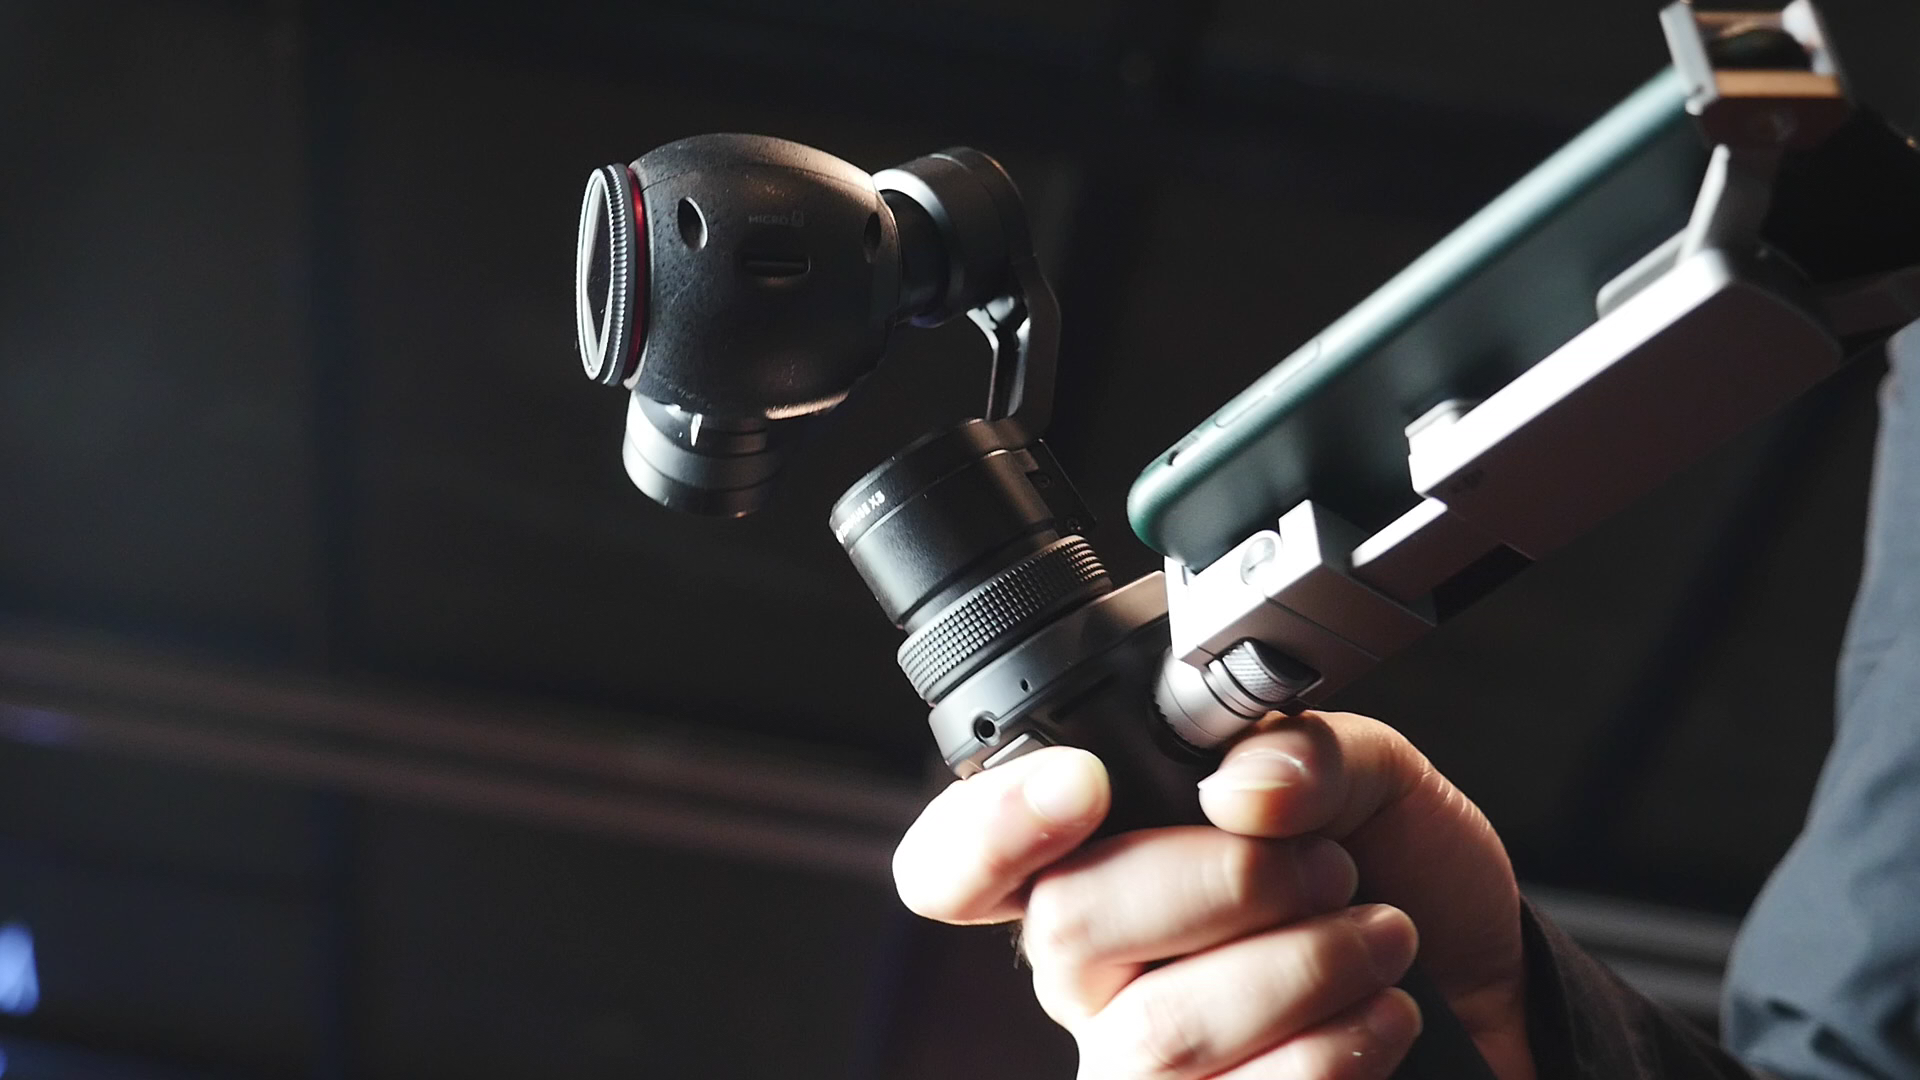 视频 | 大疆 Osmo 手持云台相机体验:「手抖党」的福音